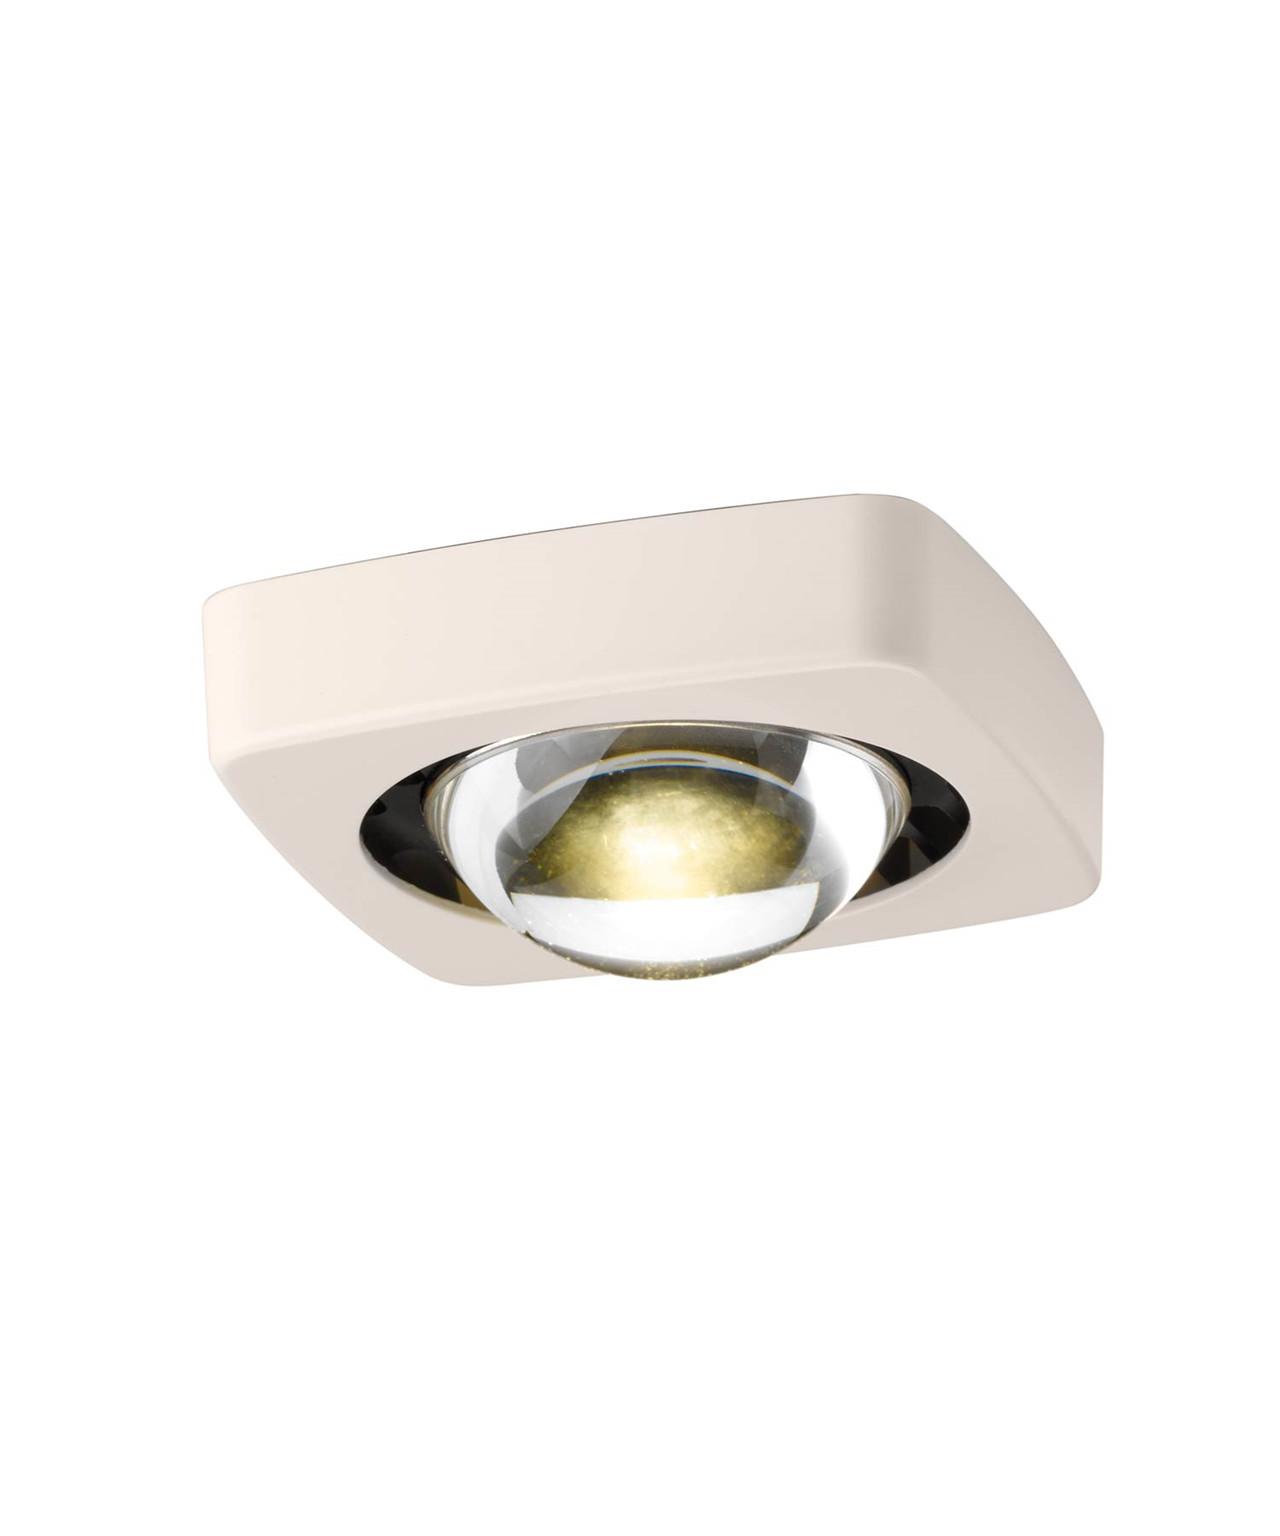 Kelveen loftlampe/væglampe monted 90°